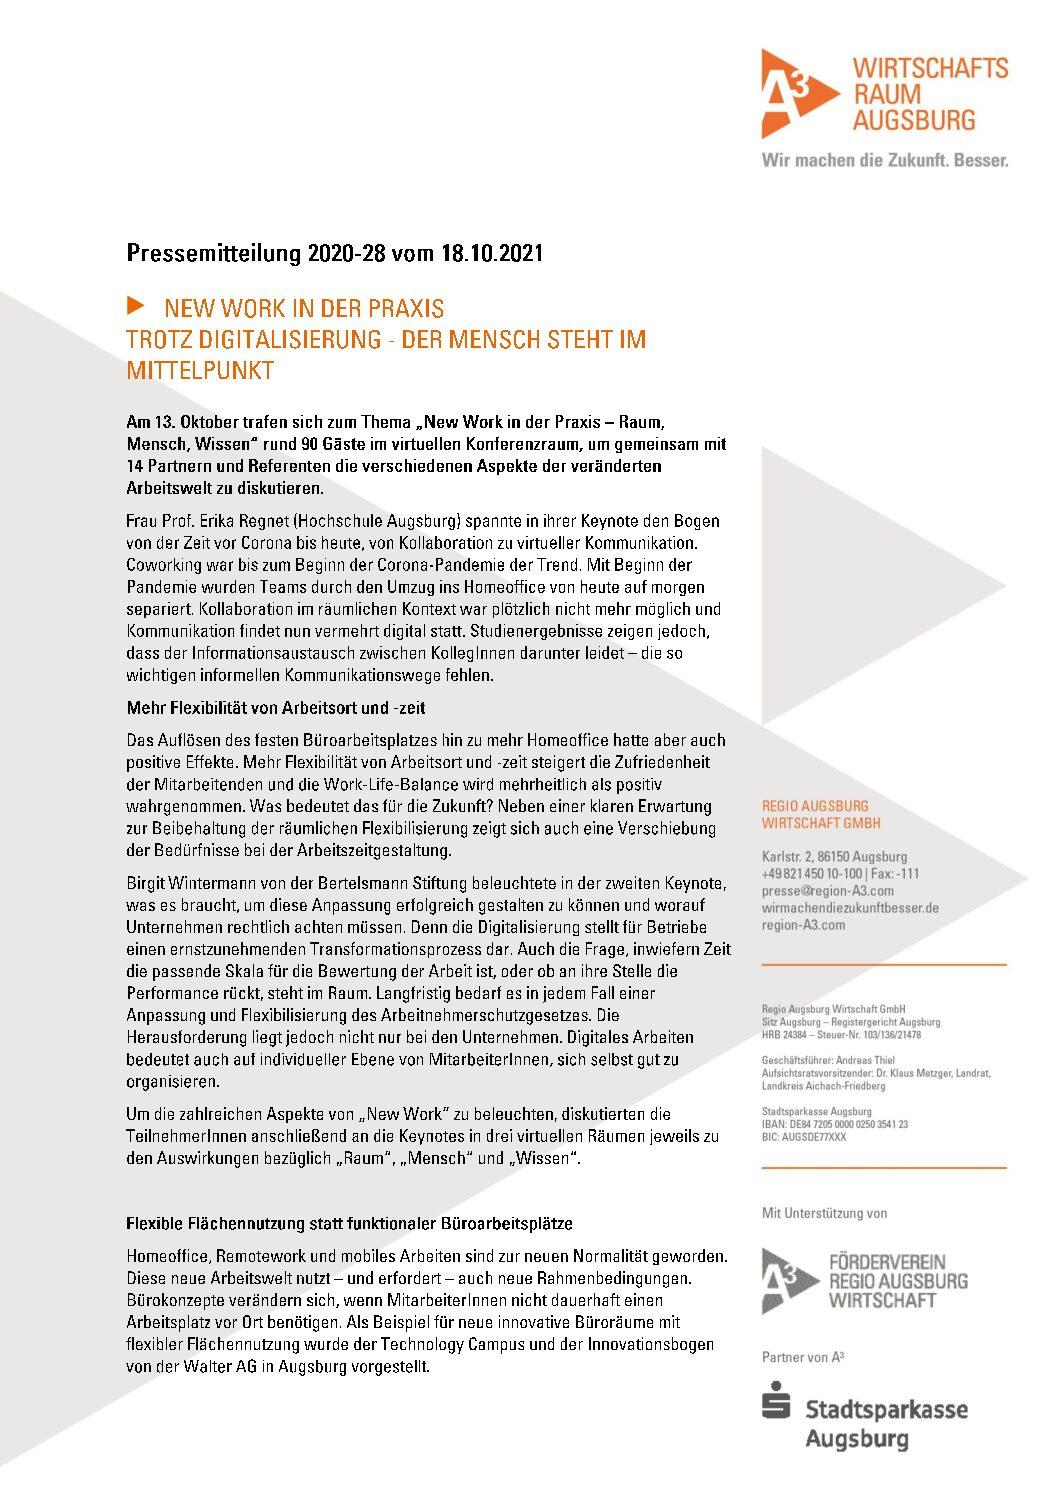 Regio_28_Pressemitteilung_New Work in der Praxis